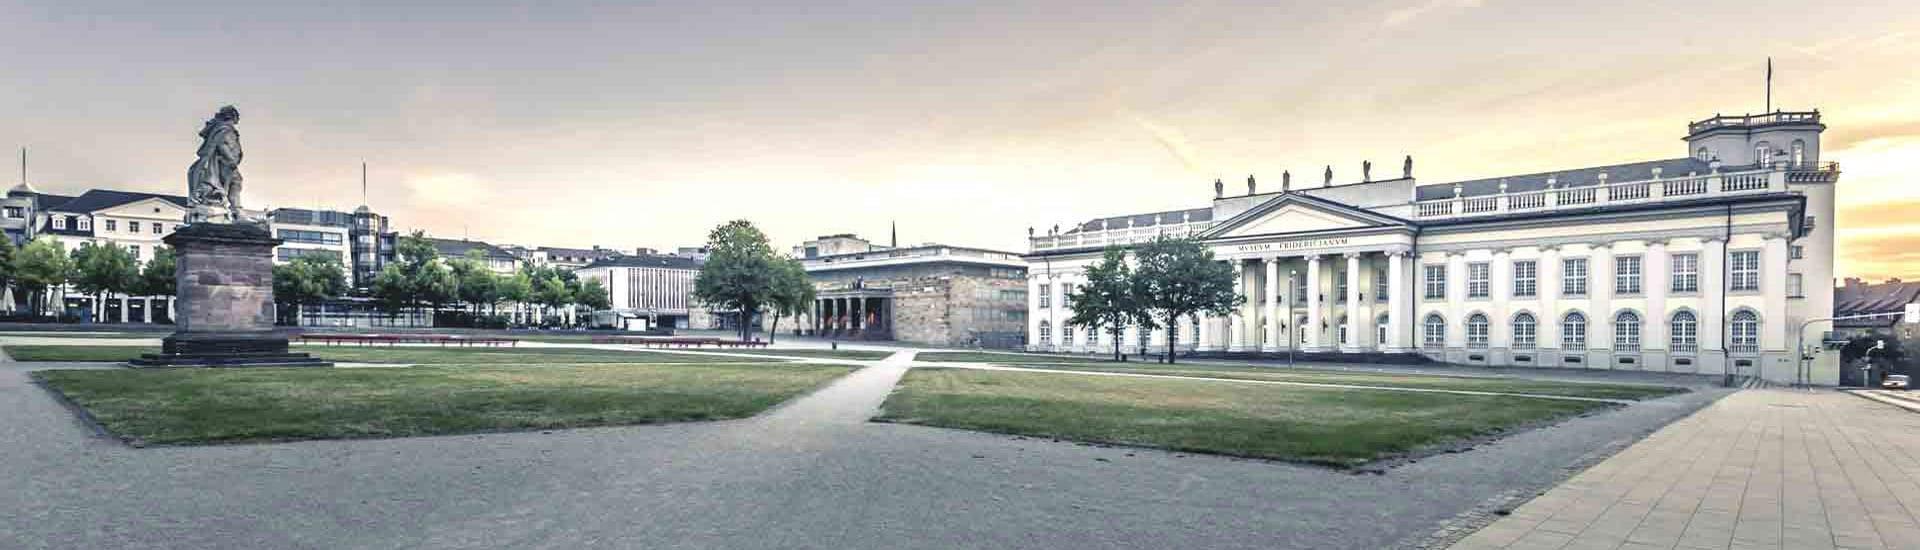 Humburg Kassel